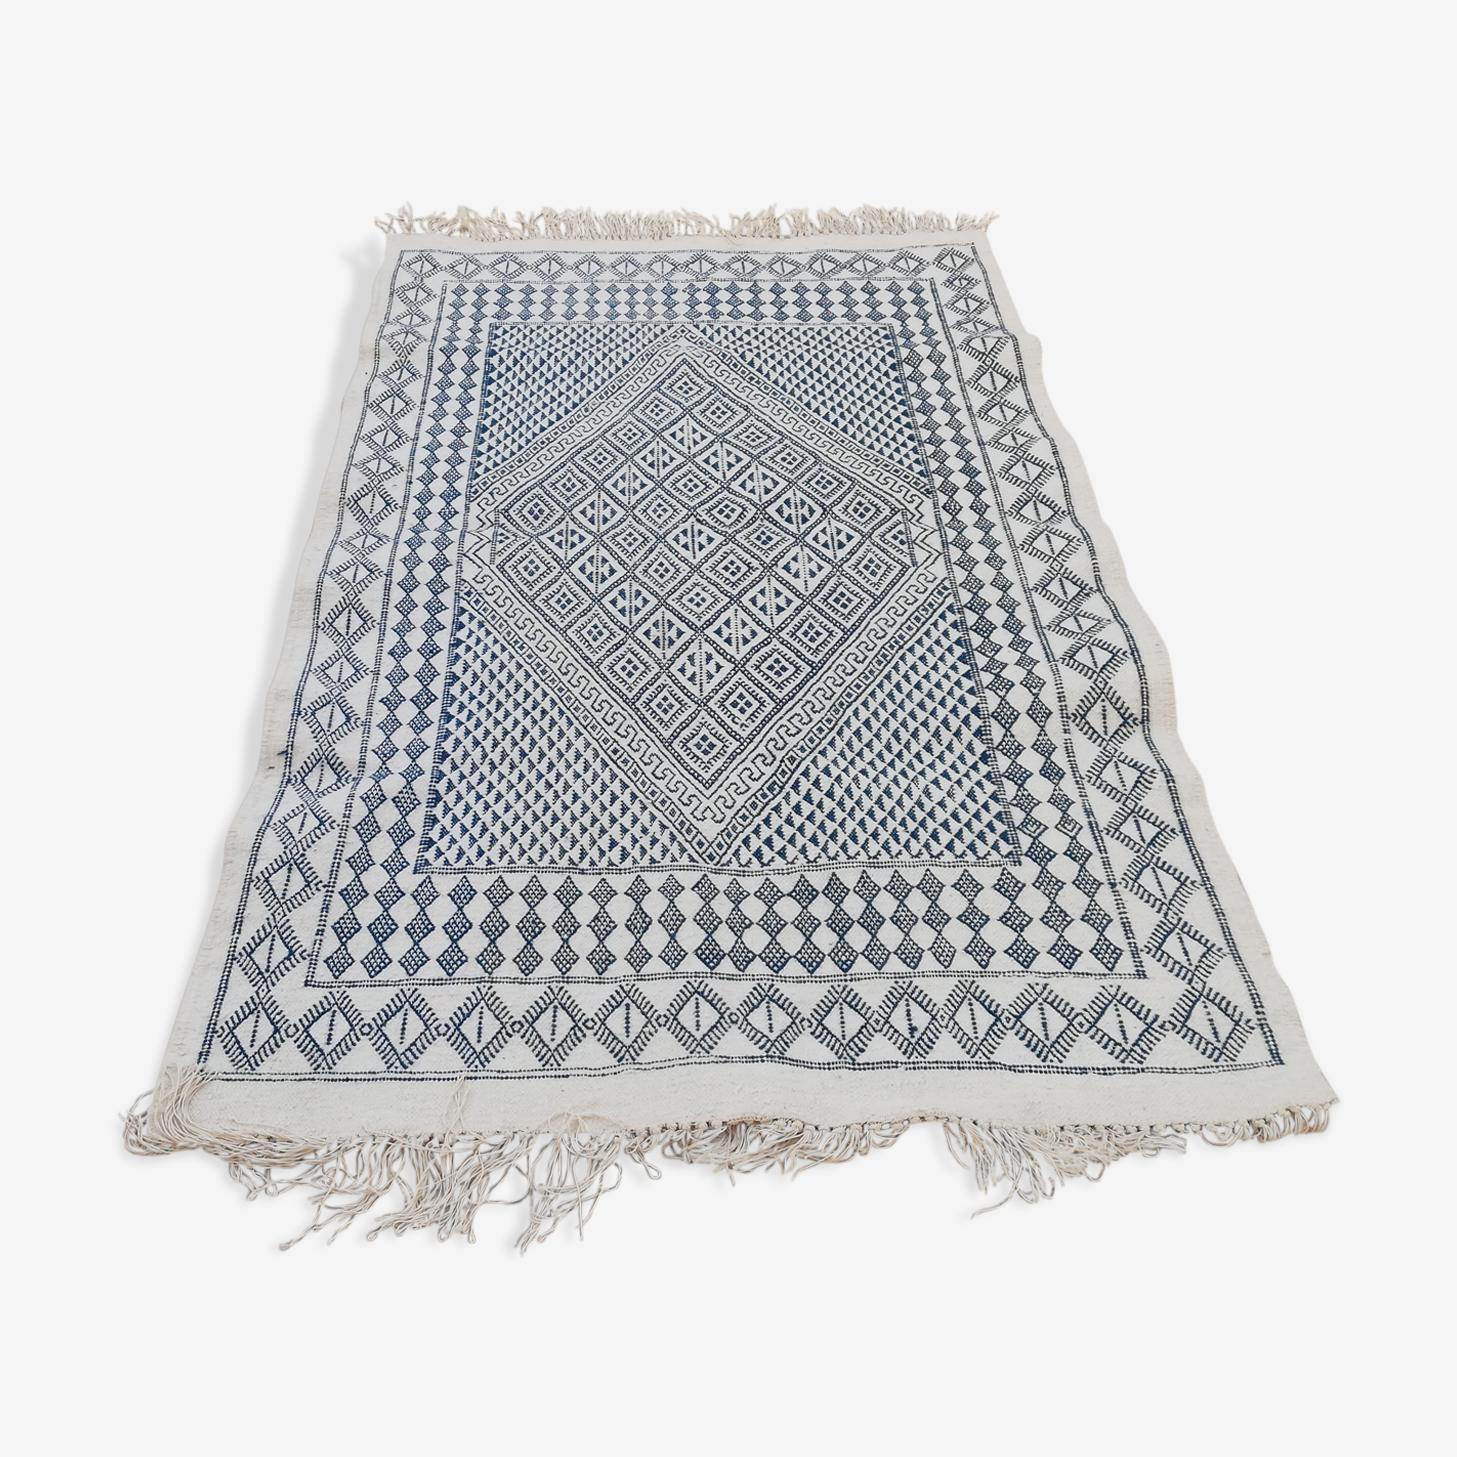 Tapis berbère marocain en laine fait main 127x200cm